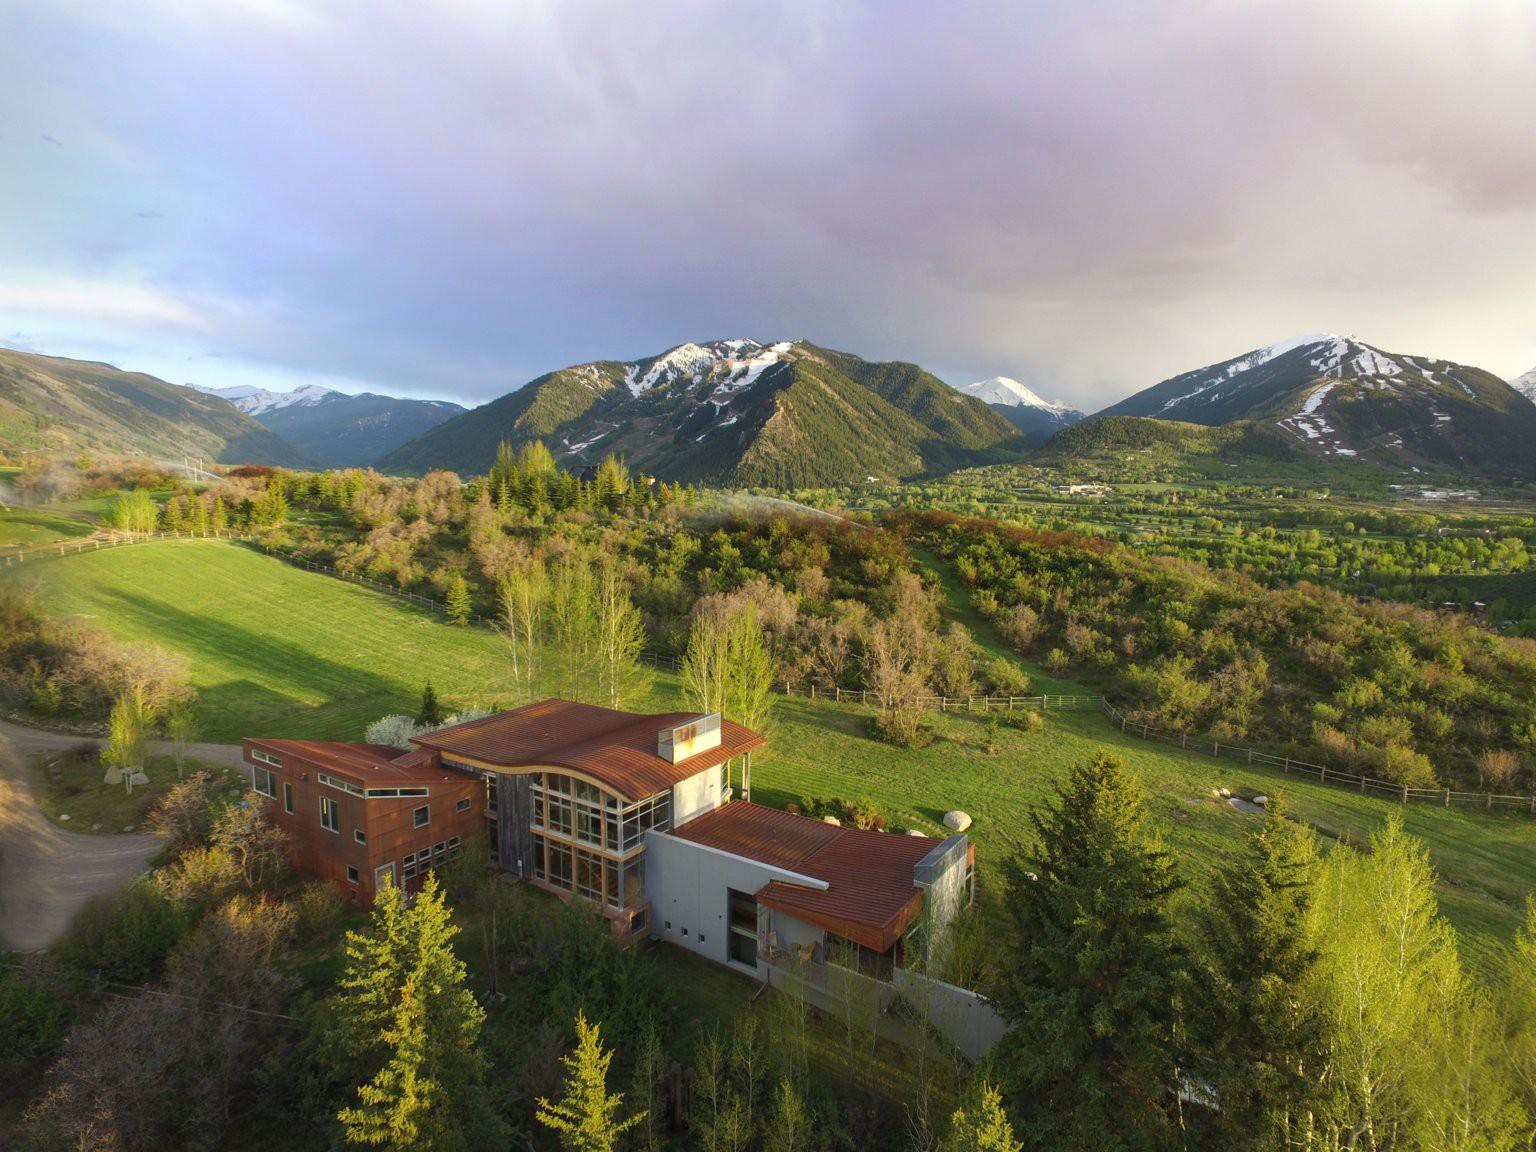 Thị trấn nhỏ ở Mỹ có gì đặc biệt mà khiến giới nhà giàu đổ vài chục triệu đô để mua một căn nhà? - ảnh 1